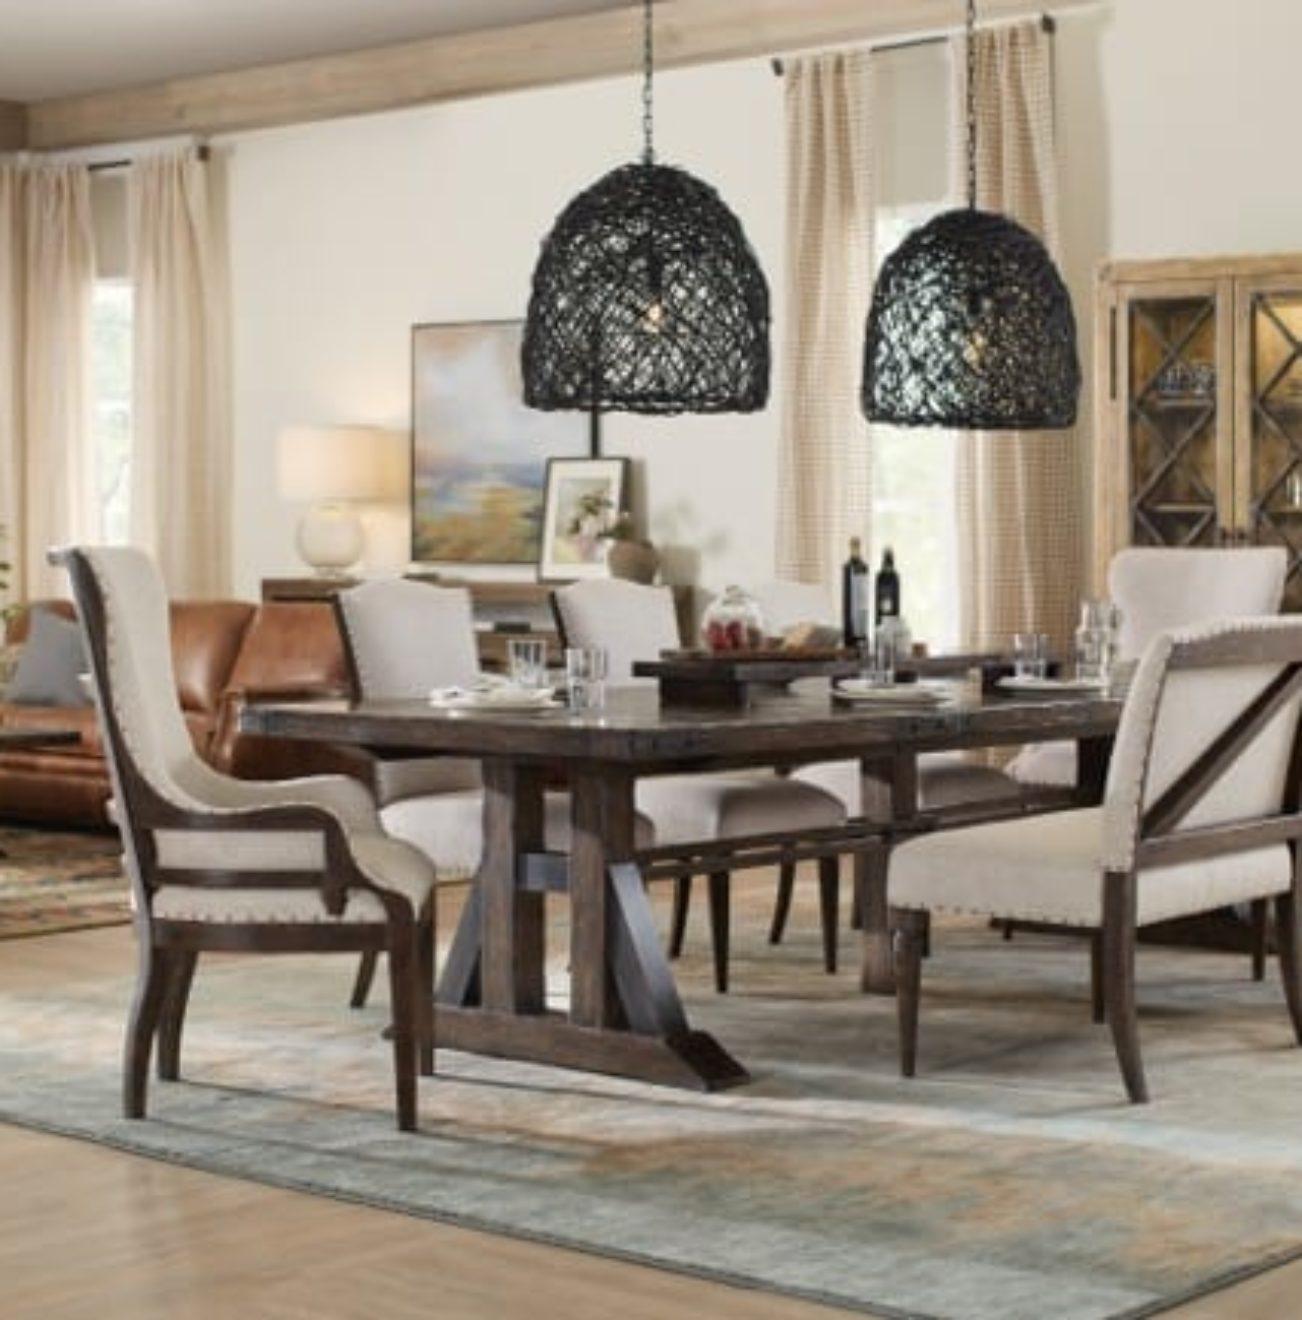 Hooker 1618-75207-019-500-710-diningroom